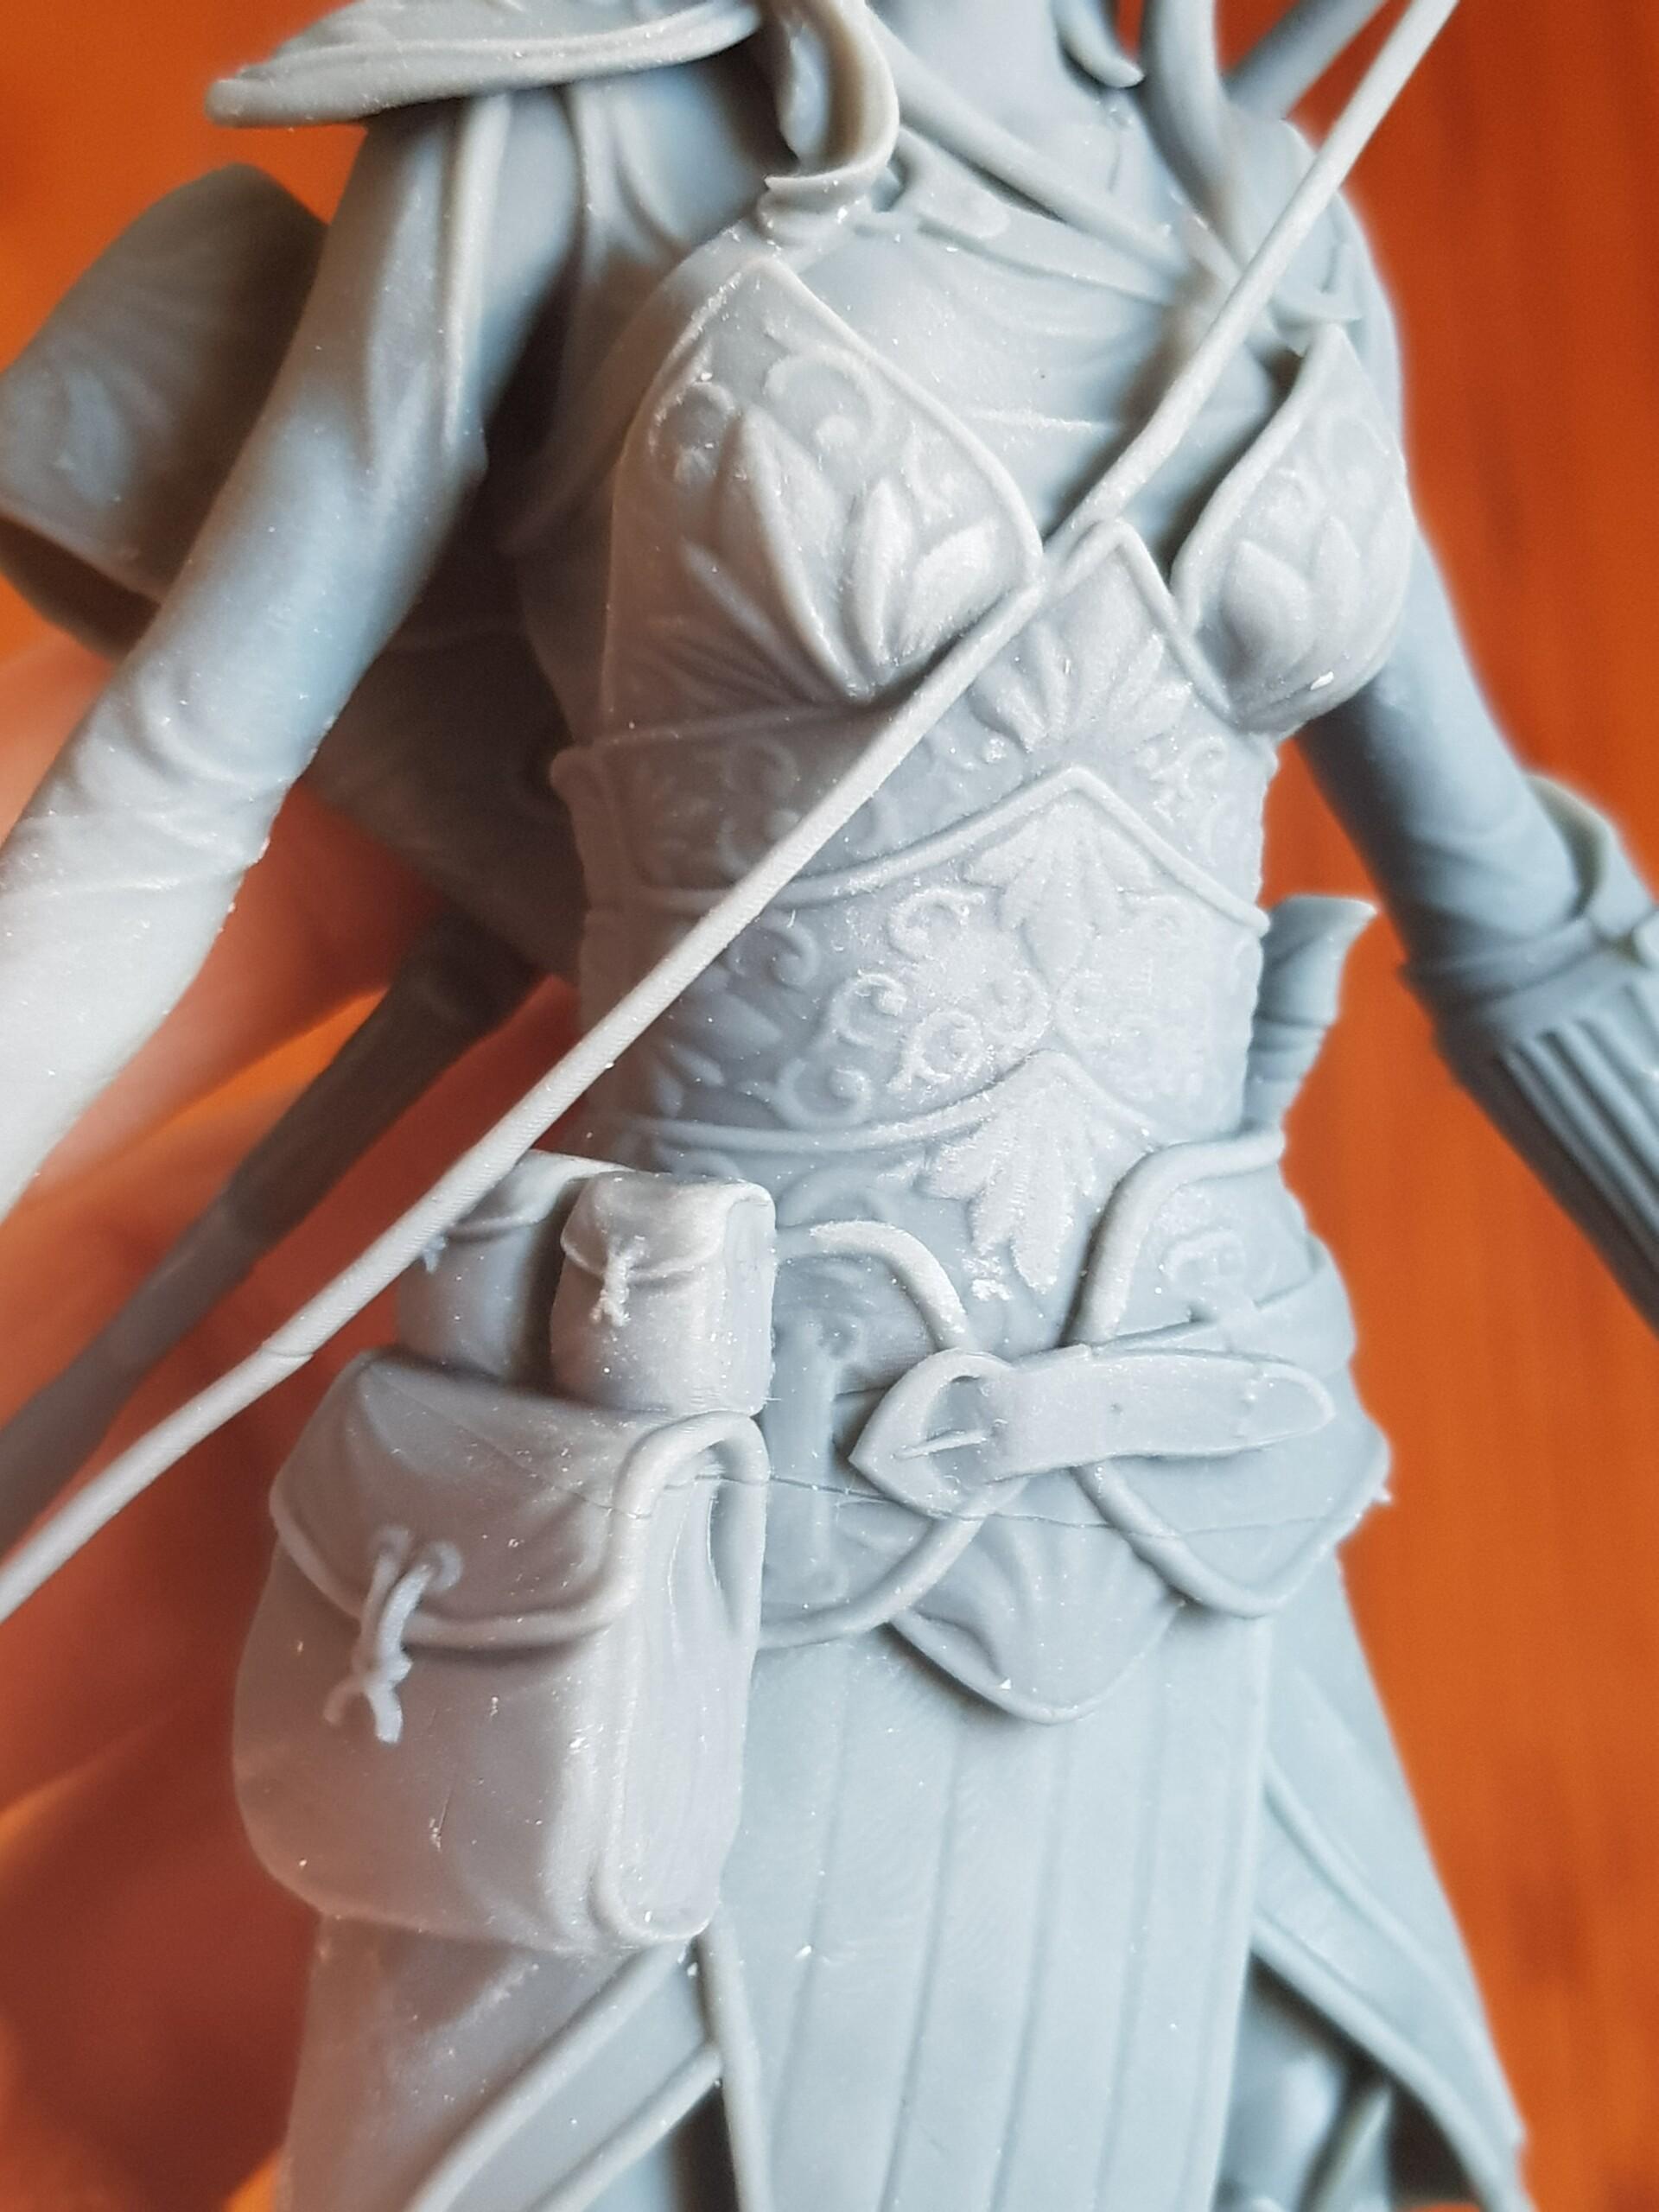 Big 3D print (20cm) in neutral pose